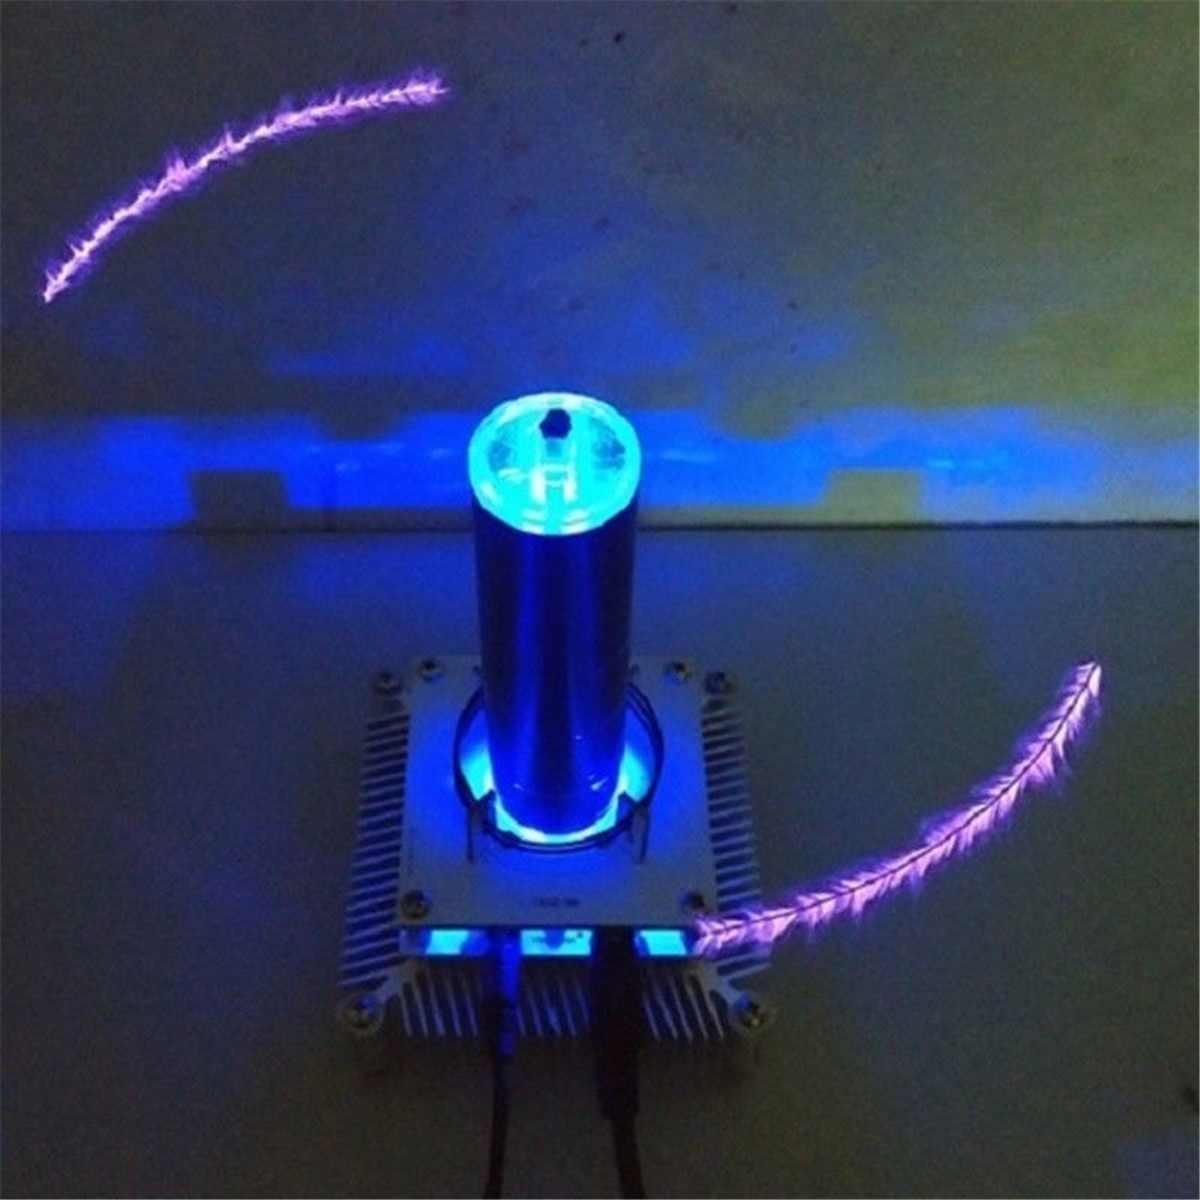 Électronique musique bobine Plasma haut-parleur sans fil Transmission son solide Science jouet LED Ion guirlande haut-parleur